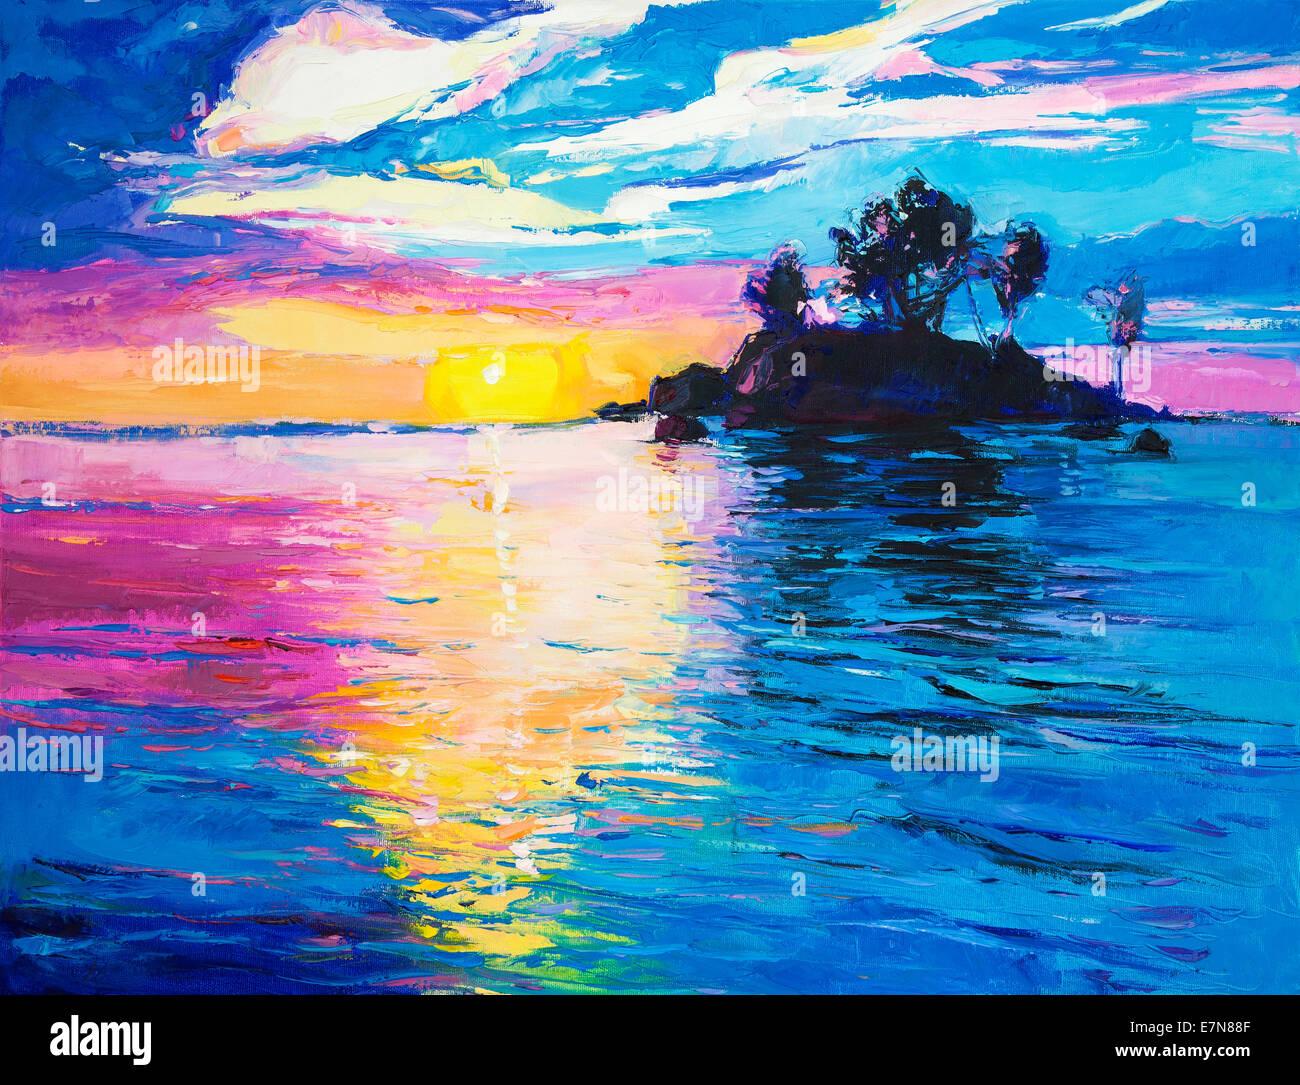 Olio originale pittura di lonely isola e del mare su tela.Ricca colorato tramonto sull'oceano.Impressionismo Immagini Stock